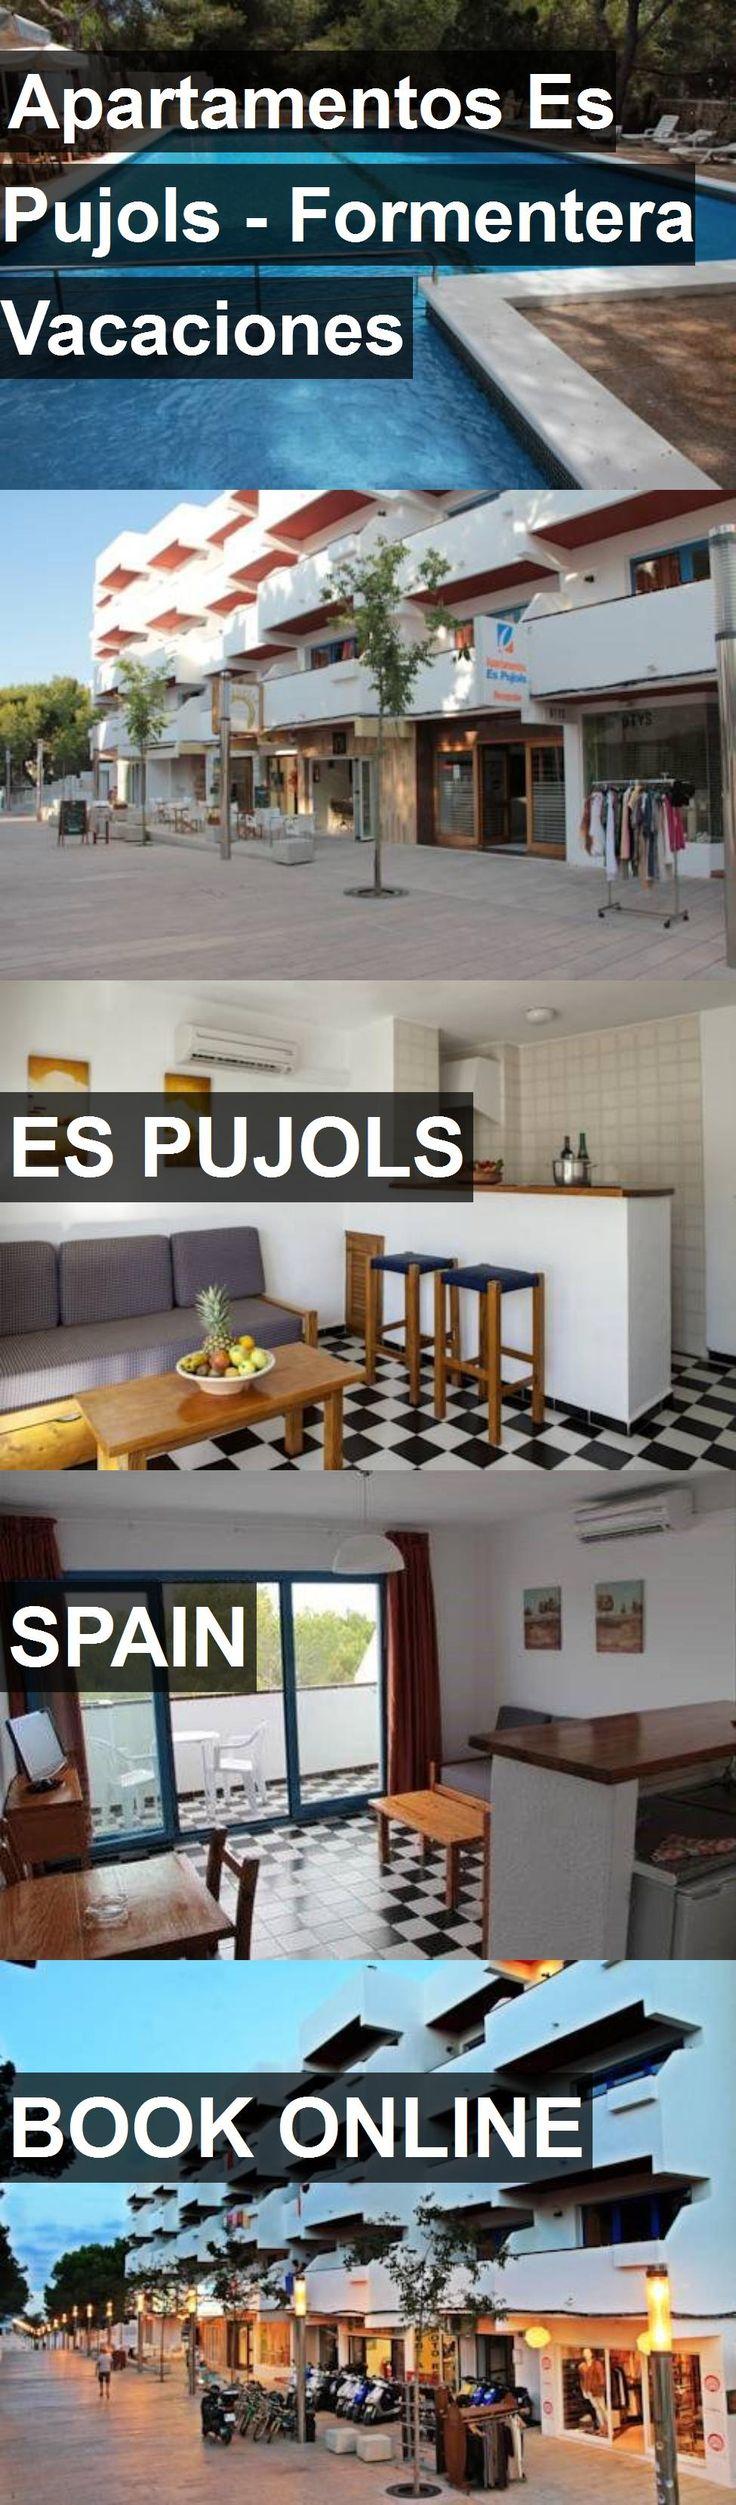 Hotel Apartamentos Es Pujols - Formentera Vacaciones in Es Pujols, Spain. For more information, photos, reviews and best prices please follow the link. #Spain #EsPujols #travel #vacation #hotel